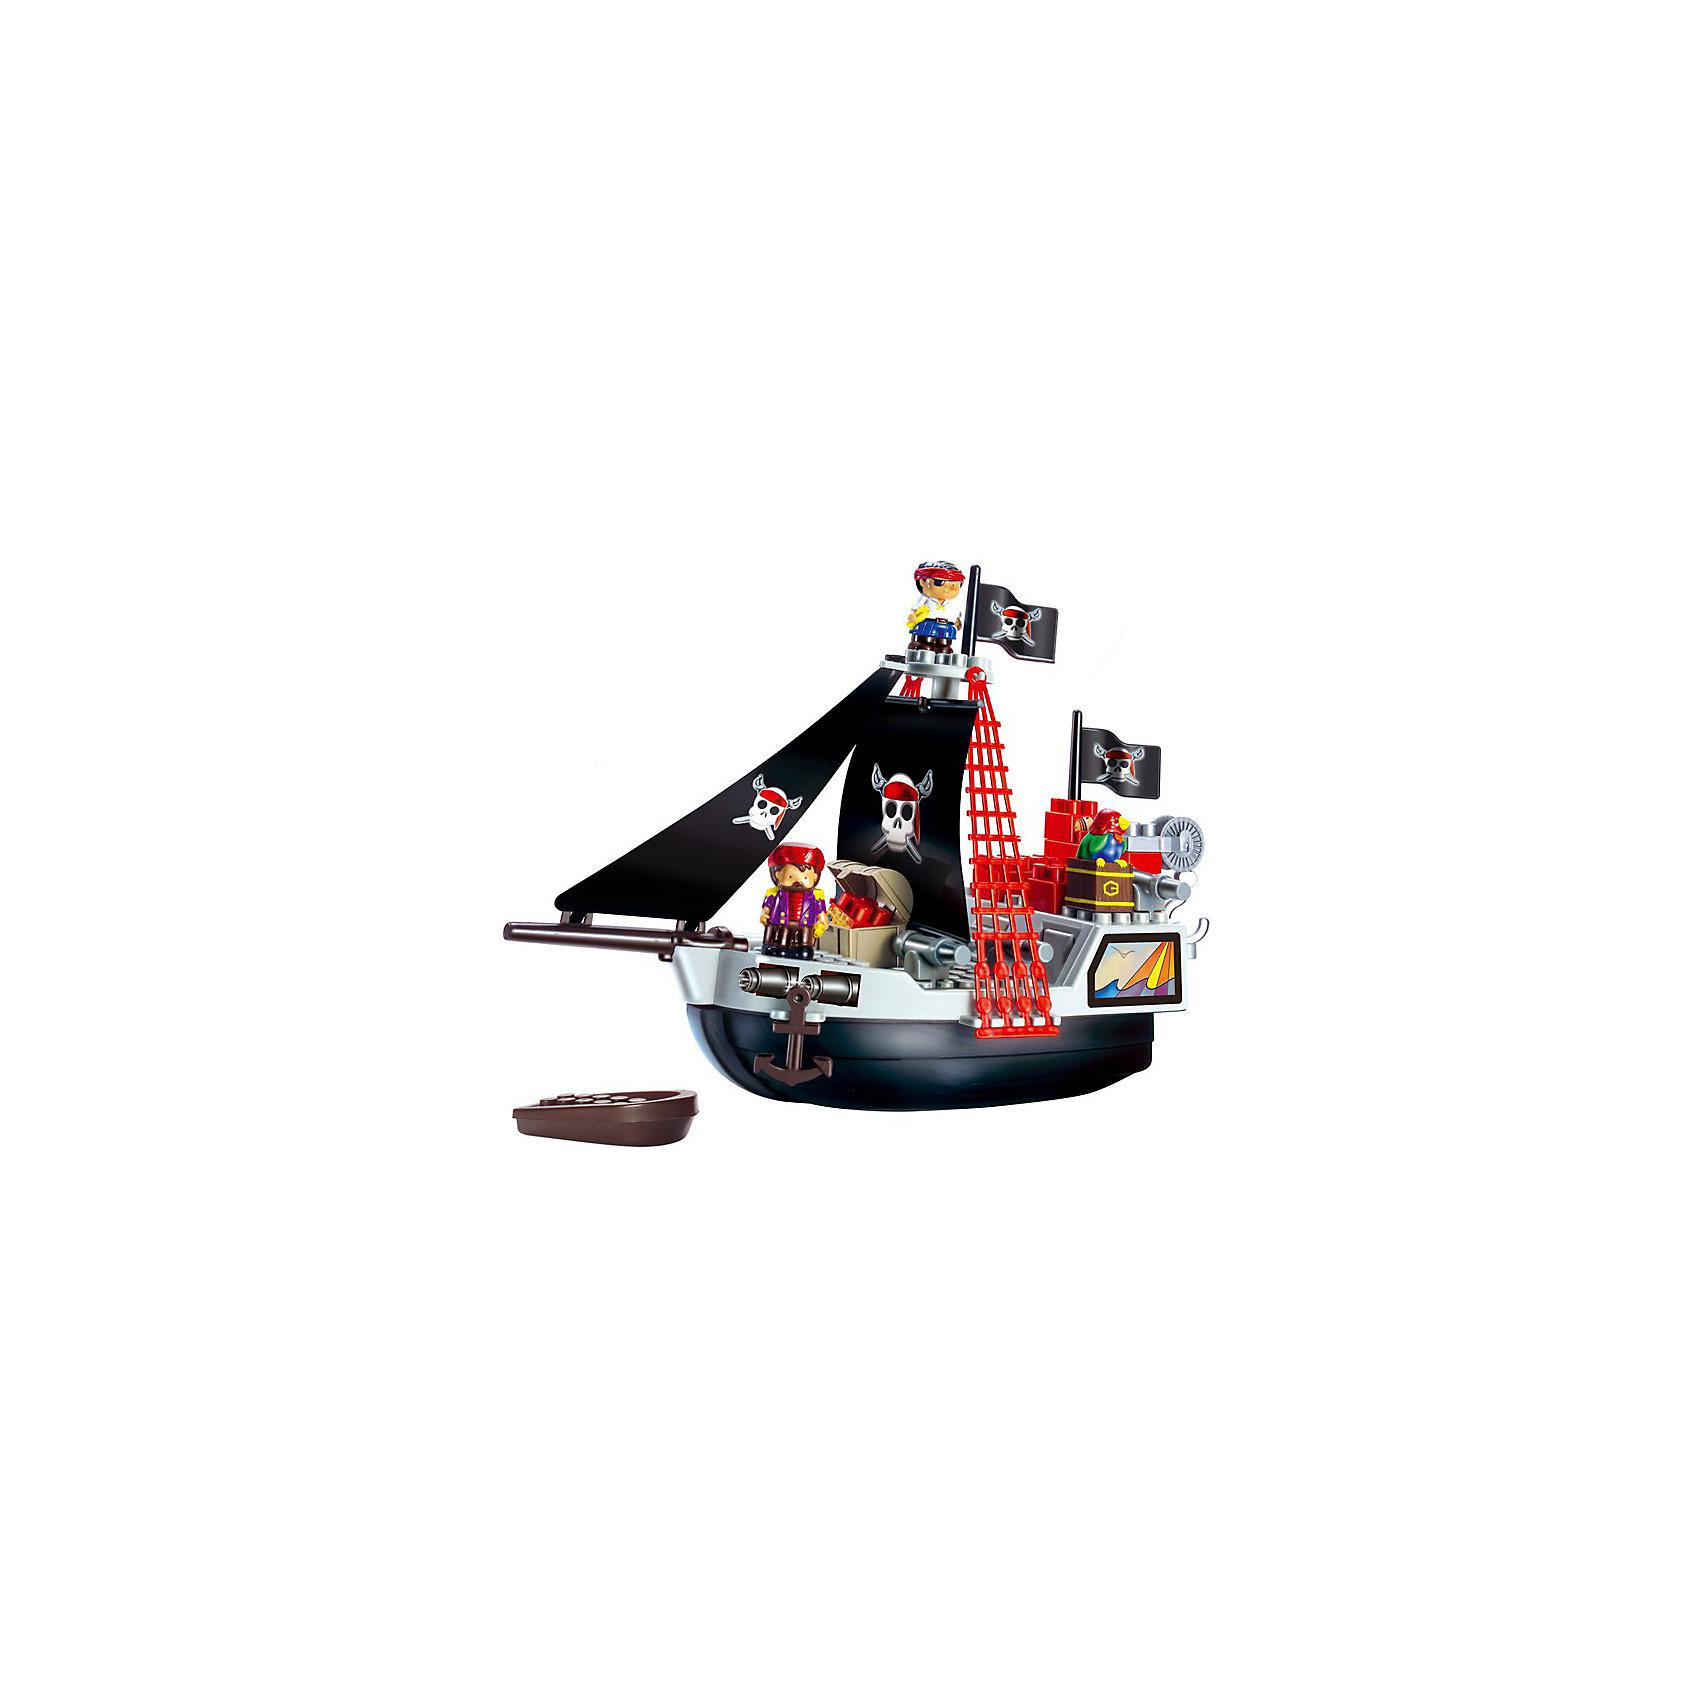 Ecoiffier Конструктор Пиратский корабльEcoiffier Конструктор Пиратский корабль - большой пиратский корабль с аксессуарами.<br> <br>Конструктор включает в себя 29 элементов : большой корабль, лодку, сундук с сокровищами, блоки для конструирования, а также фигурки 2х пиратов. <br><br>Дополнительная информация:<br><br>- Материалы: высококачественная пластмасса.<br>- Отсутствие мелких деталей.<br>- Яркие цвета привлекают детей.<br>- Размер корабля: 48,5 х 19 х 35 см.<br><br>Отличный подарок для мальчишек от 1,5 до 7 лет.<br><br>Ширина мм: 505<br>Глубина мм: 375<br>Высота мм: 116<br>Вес г: 913<br>Возраст от месяцев: 18<br>Возраст до месяцев: 48<br>Пол: Мужской<br>Возраст: Детский<br>SKU: 2149460